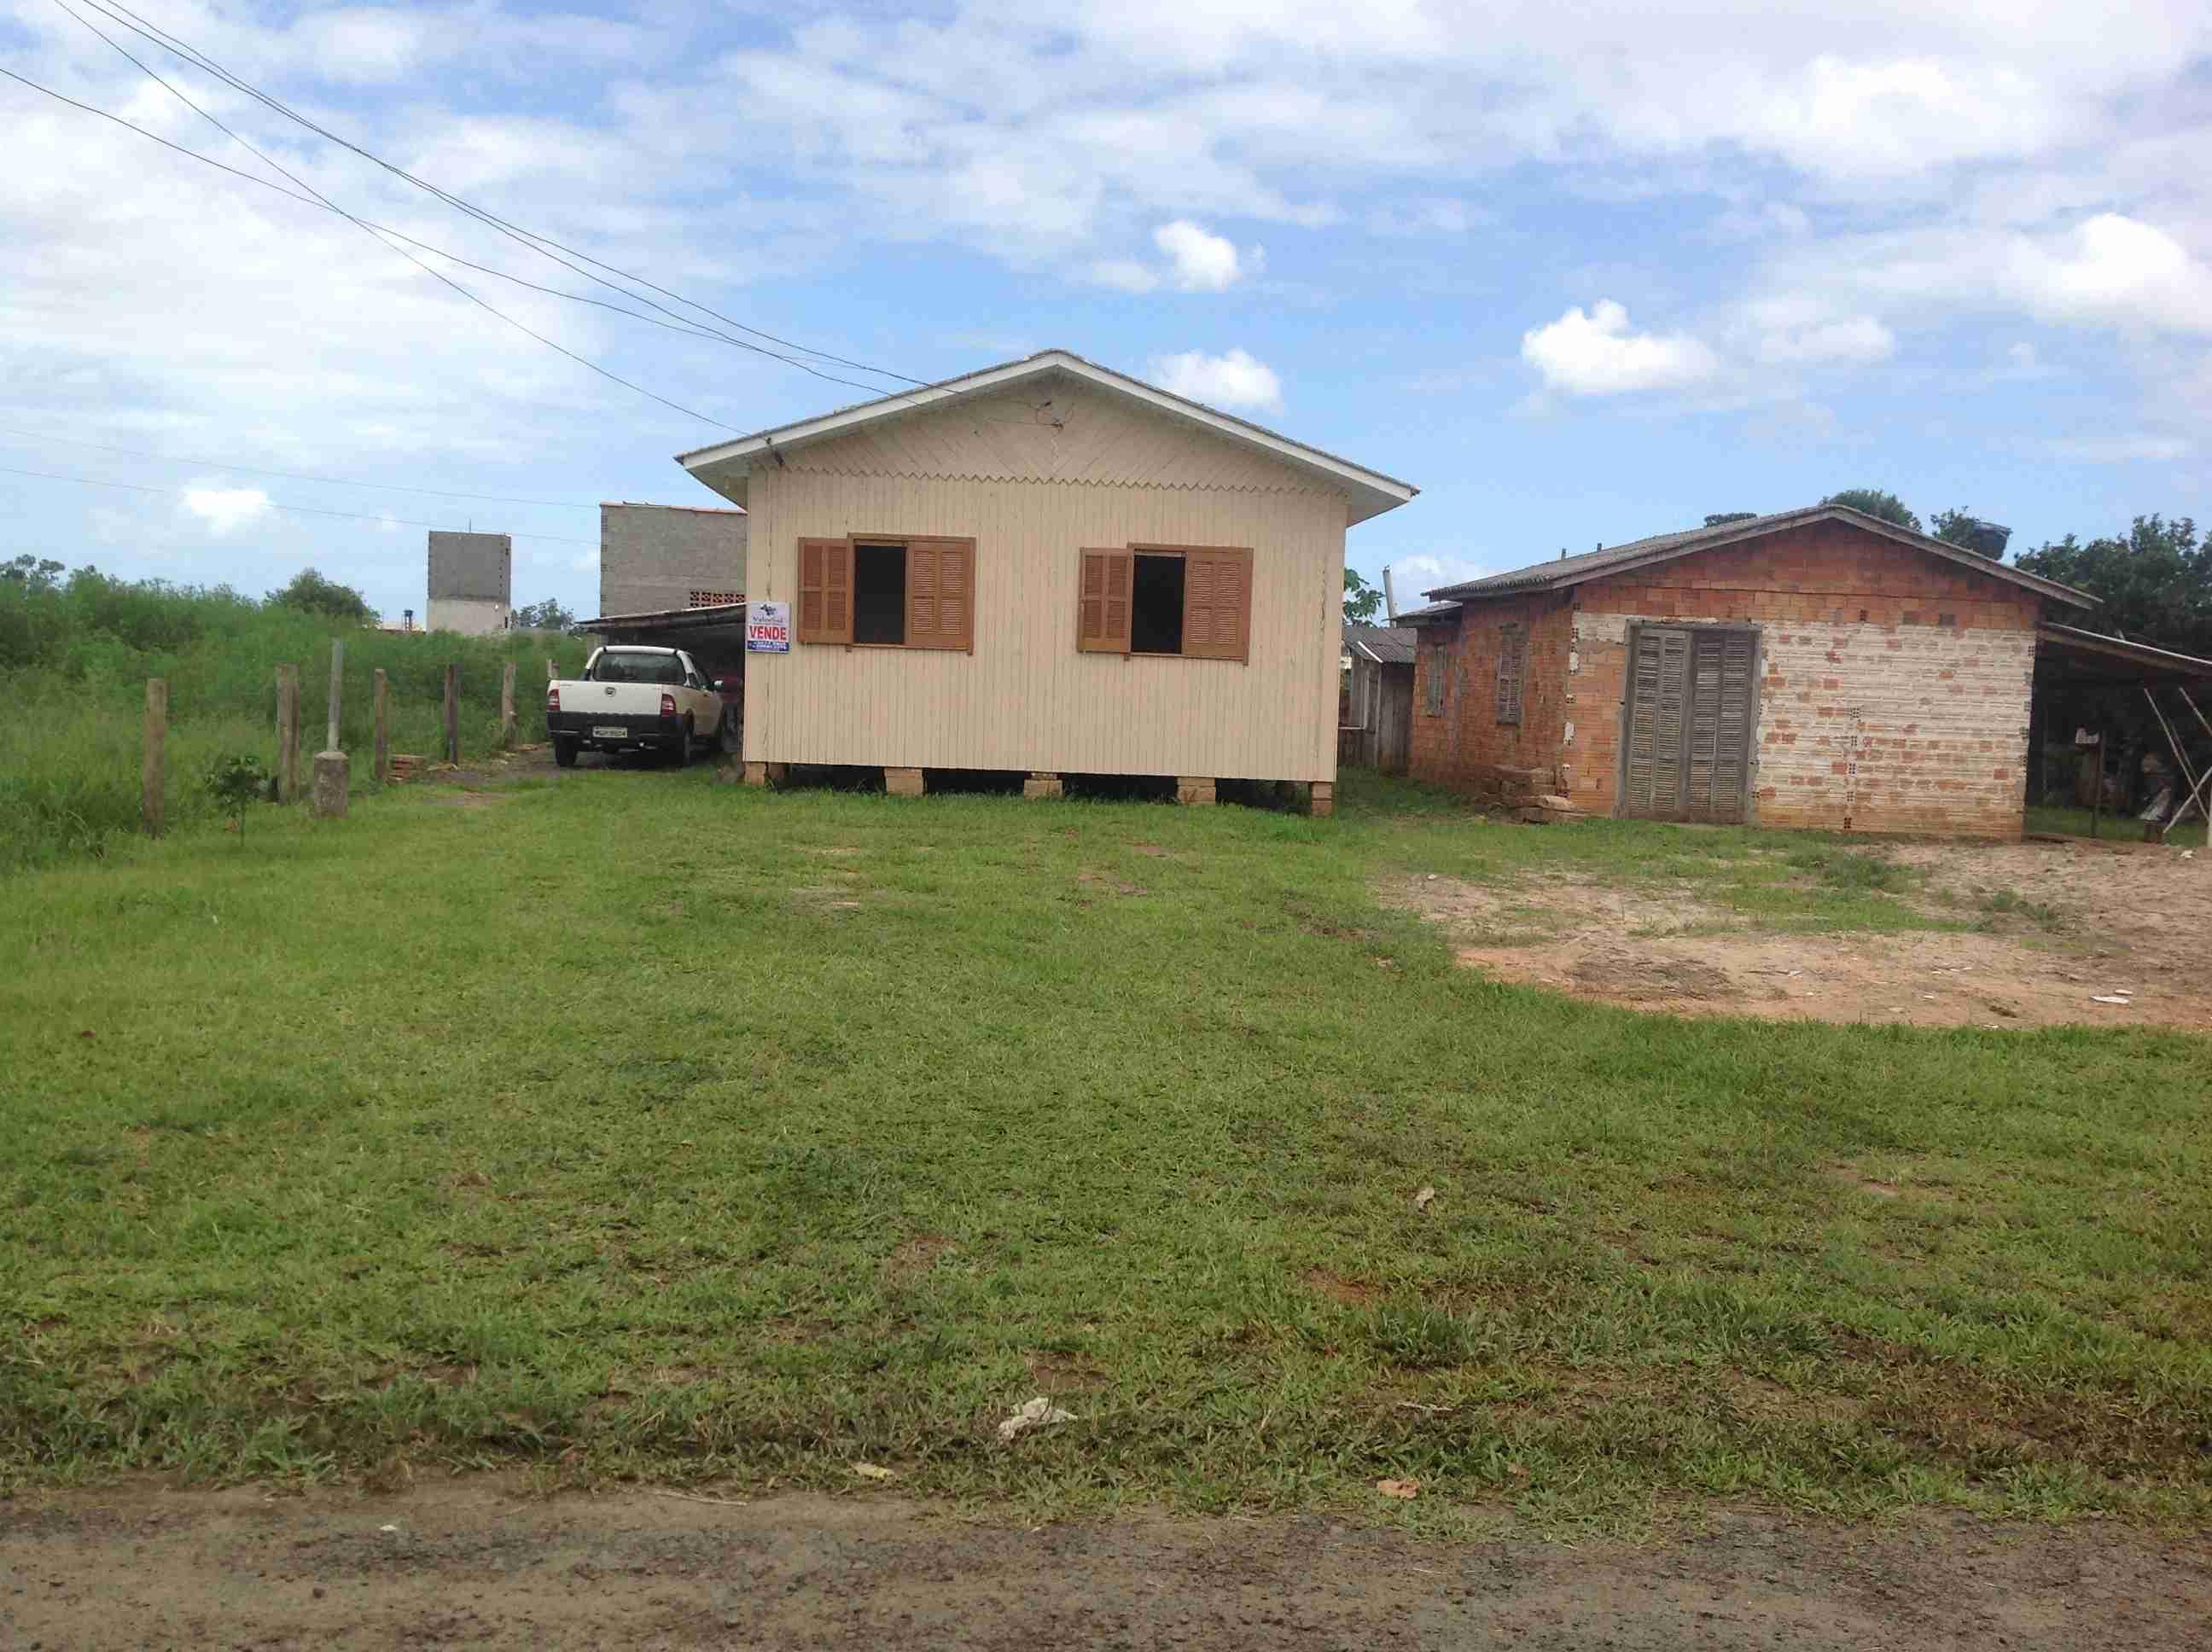 Casa Madeira (072) Sala,Cosinha,2 quartos,área de serviço,banheiro,garagem,churrasqueira.